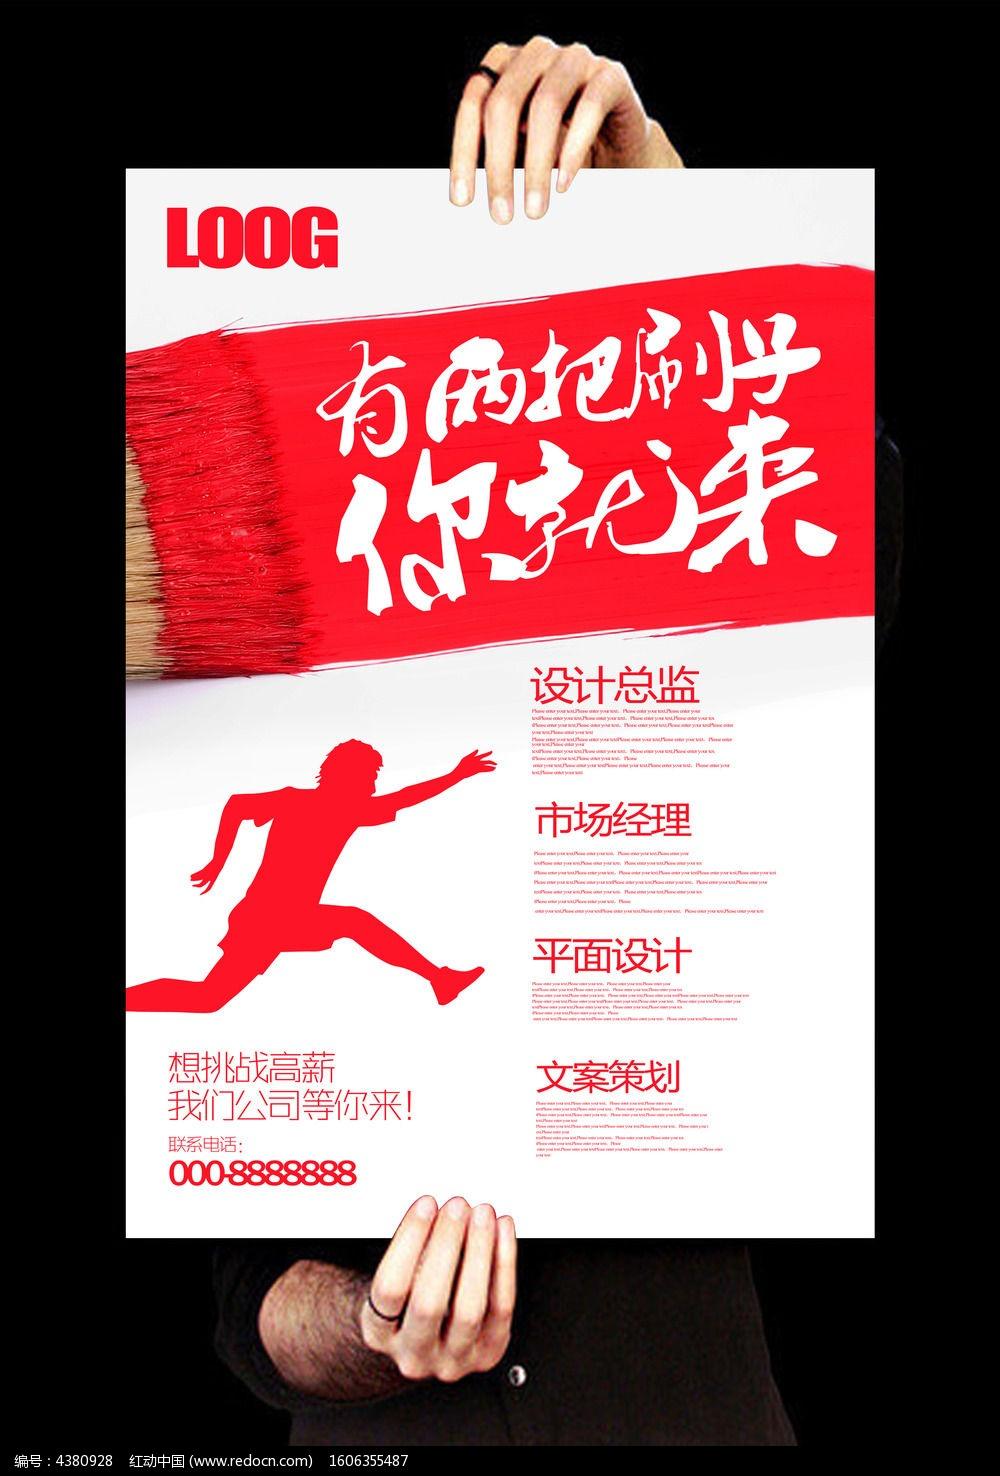 红白创意广告公司招聘海报设计